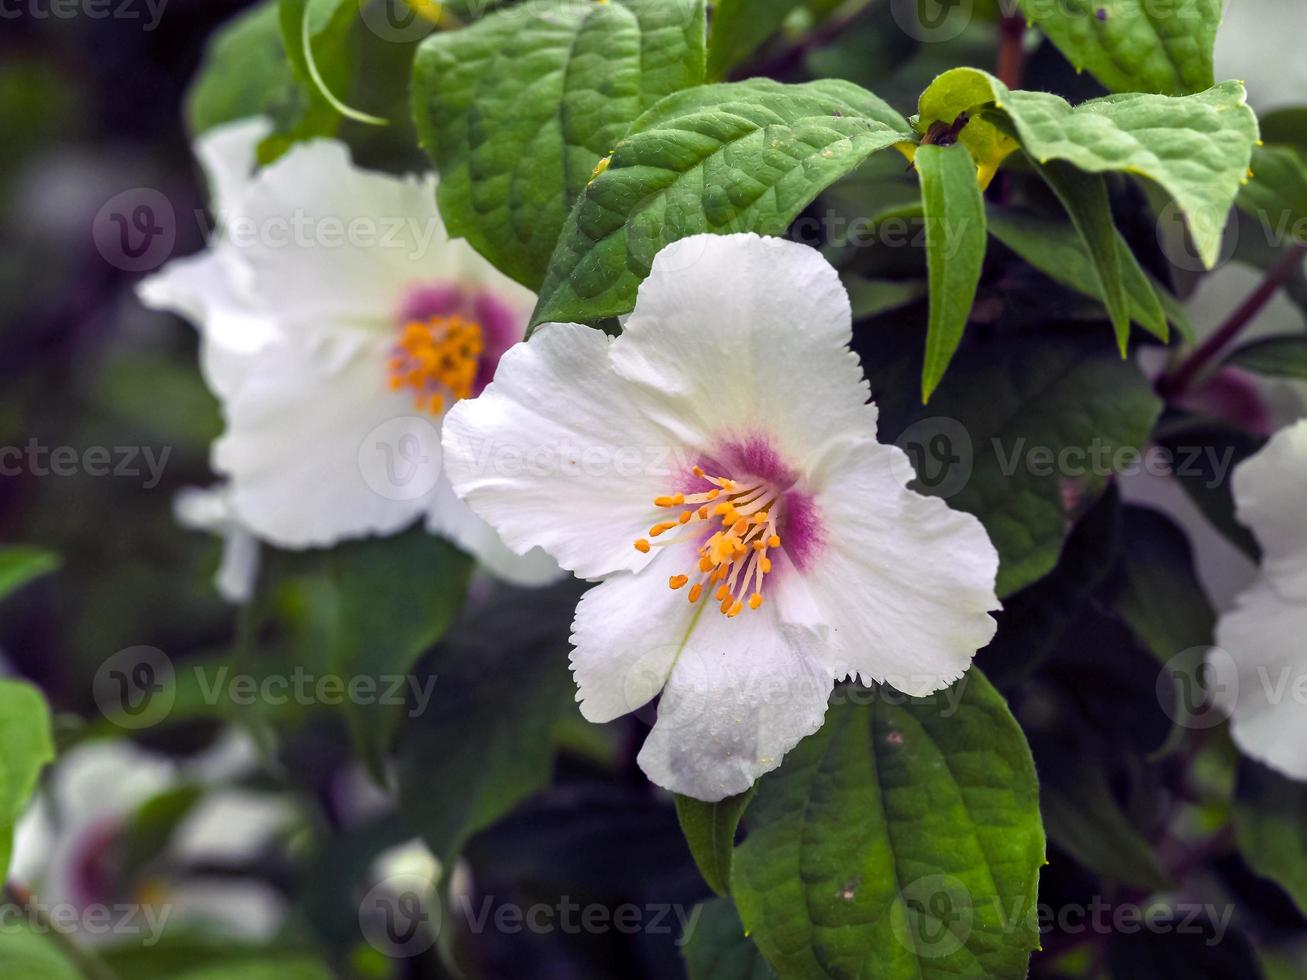 primo piano di fiori bianchi su un finto arbusto arancione foto